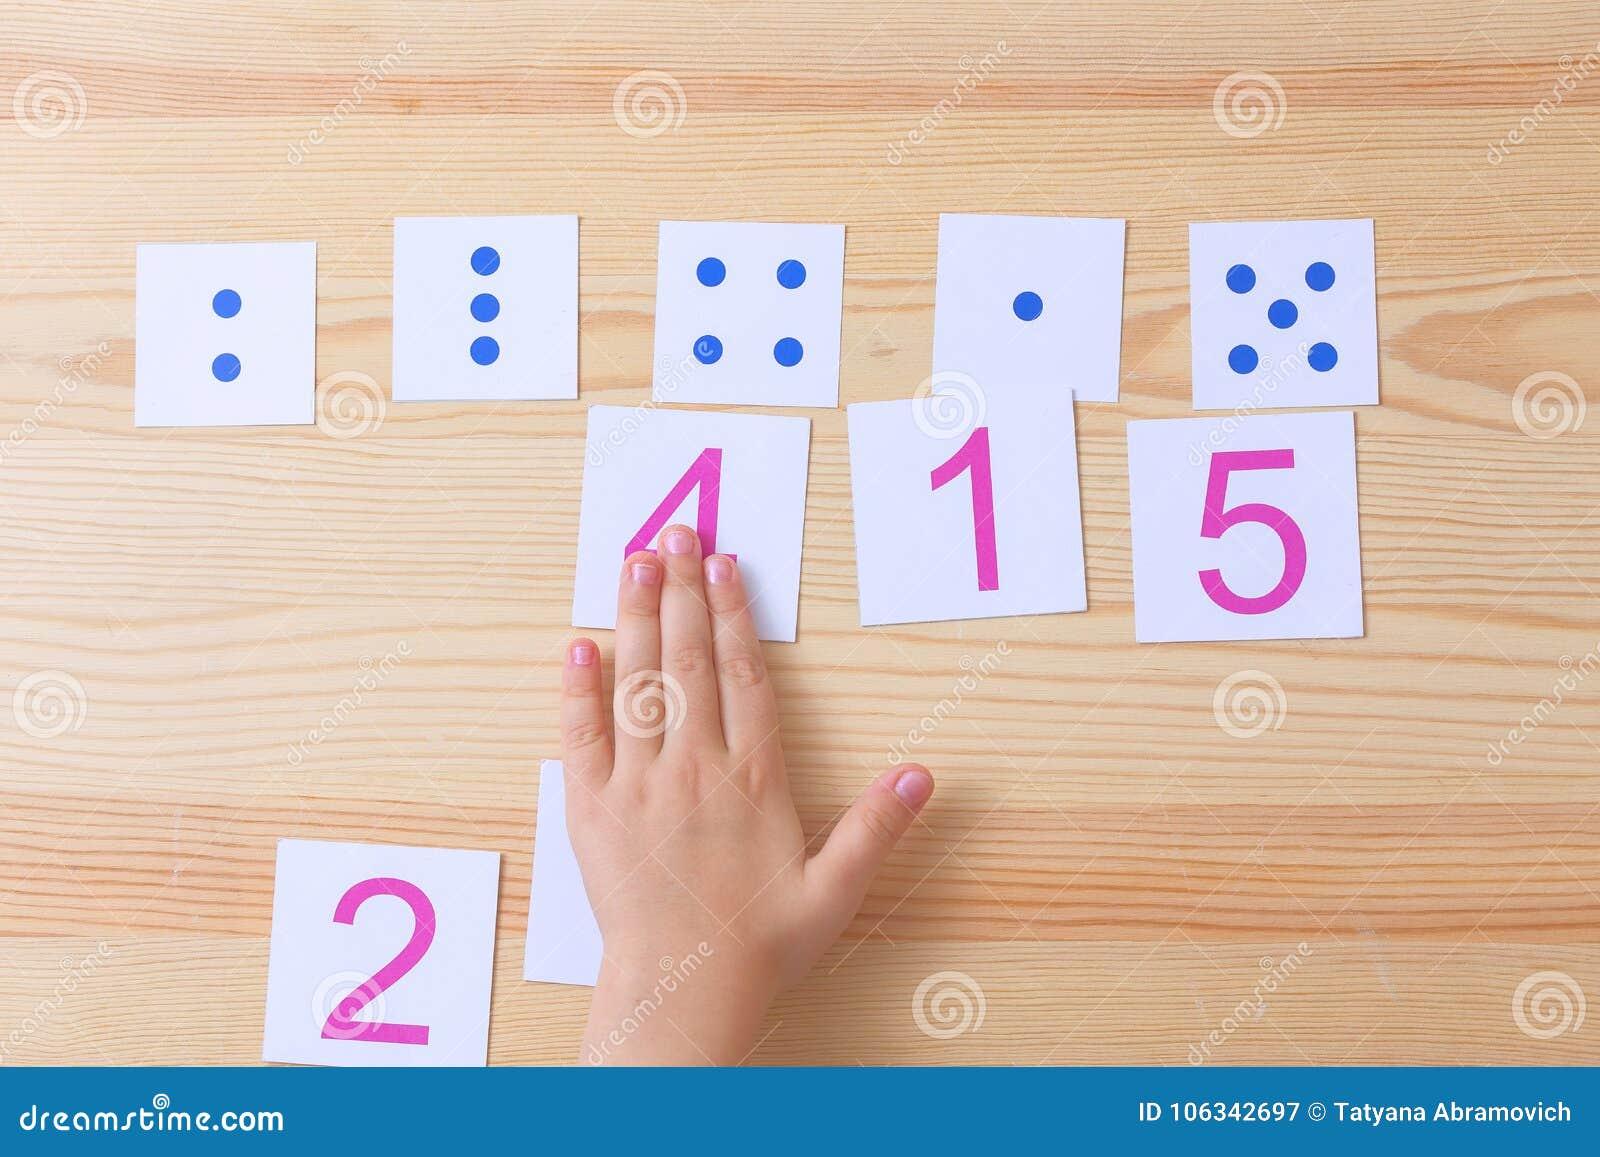 El niño separa tarjetas con números a las tarjetas con los puntos El estudio de números y de matemáticas